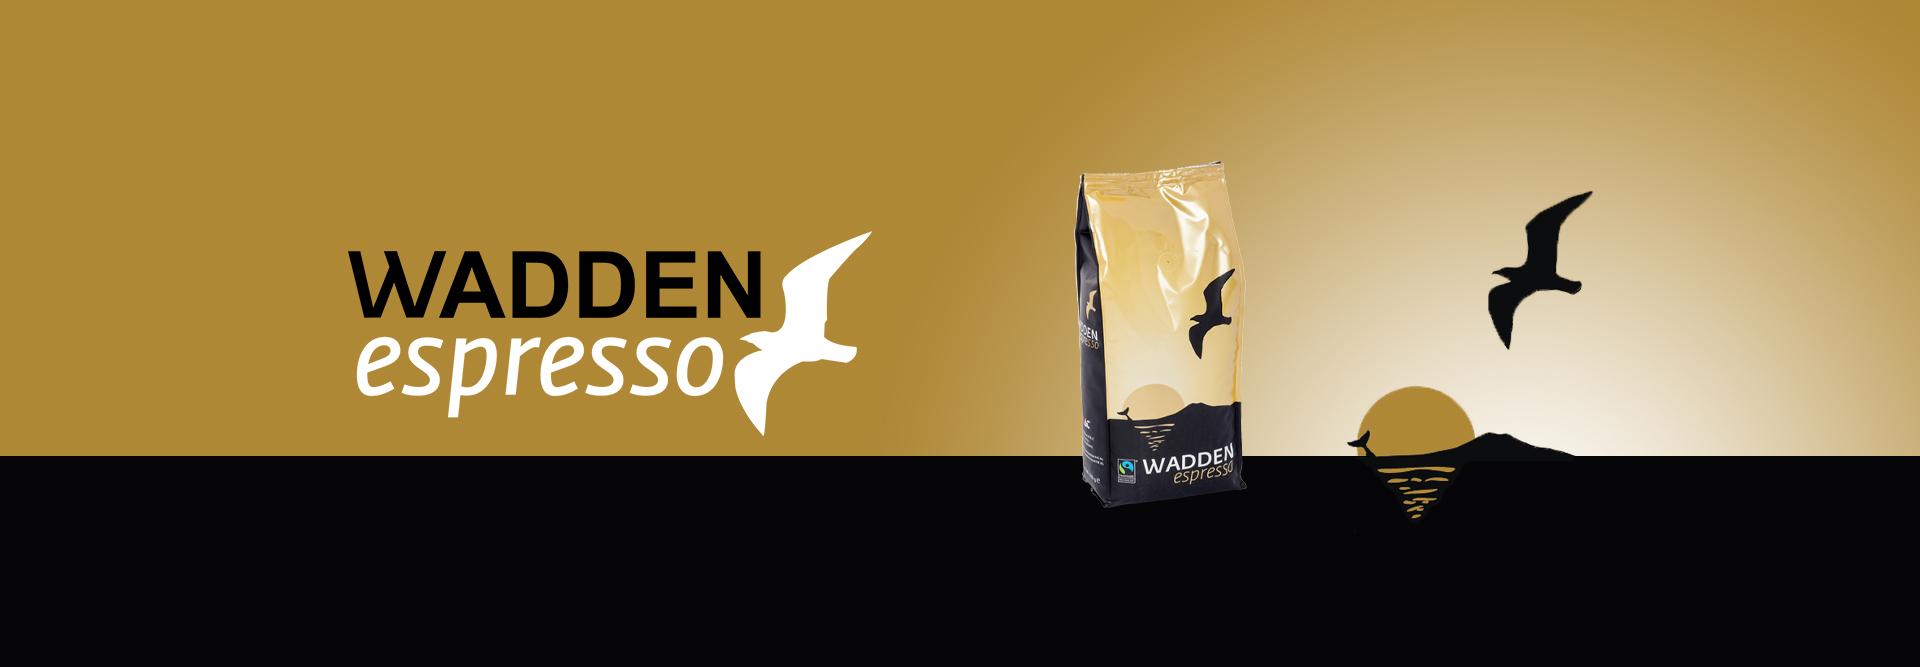 Hero image Wadden espresso.jpg